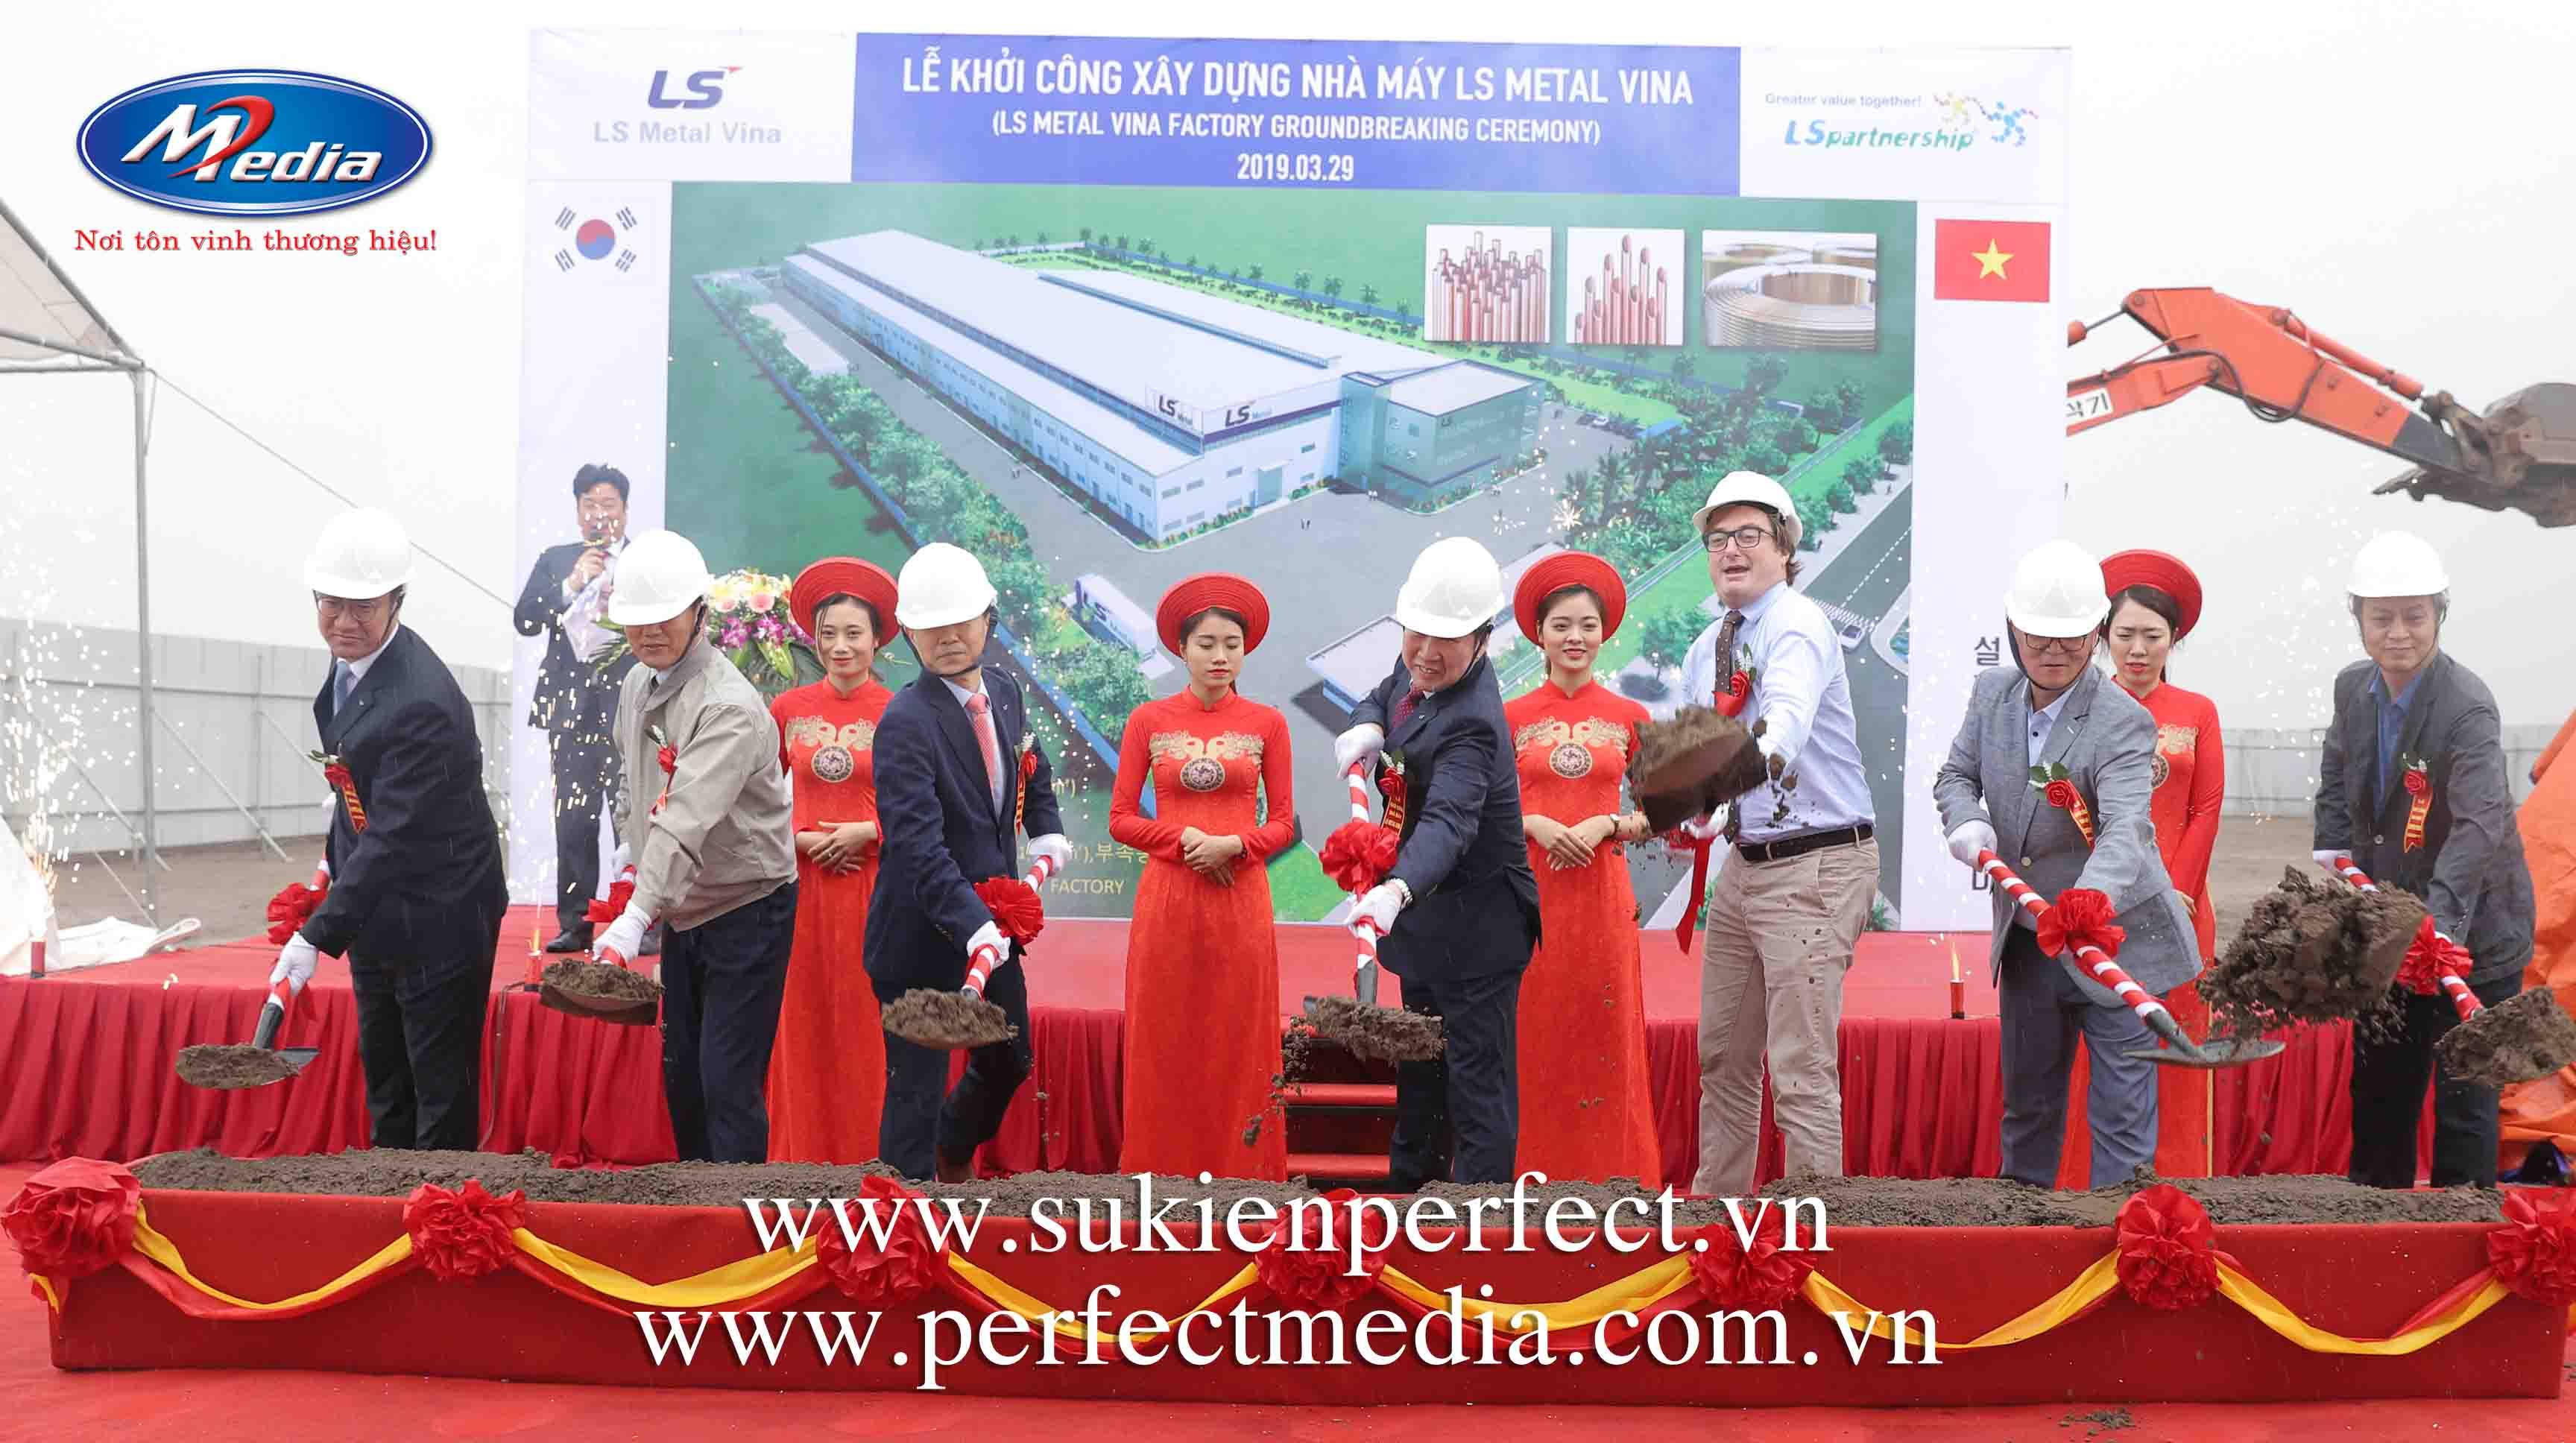 Lễ khởi côngxây dựng Nhà máy LS Metal Vinatại KCN Deep C 2B - Đình Vũ - Hải Phòng